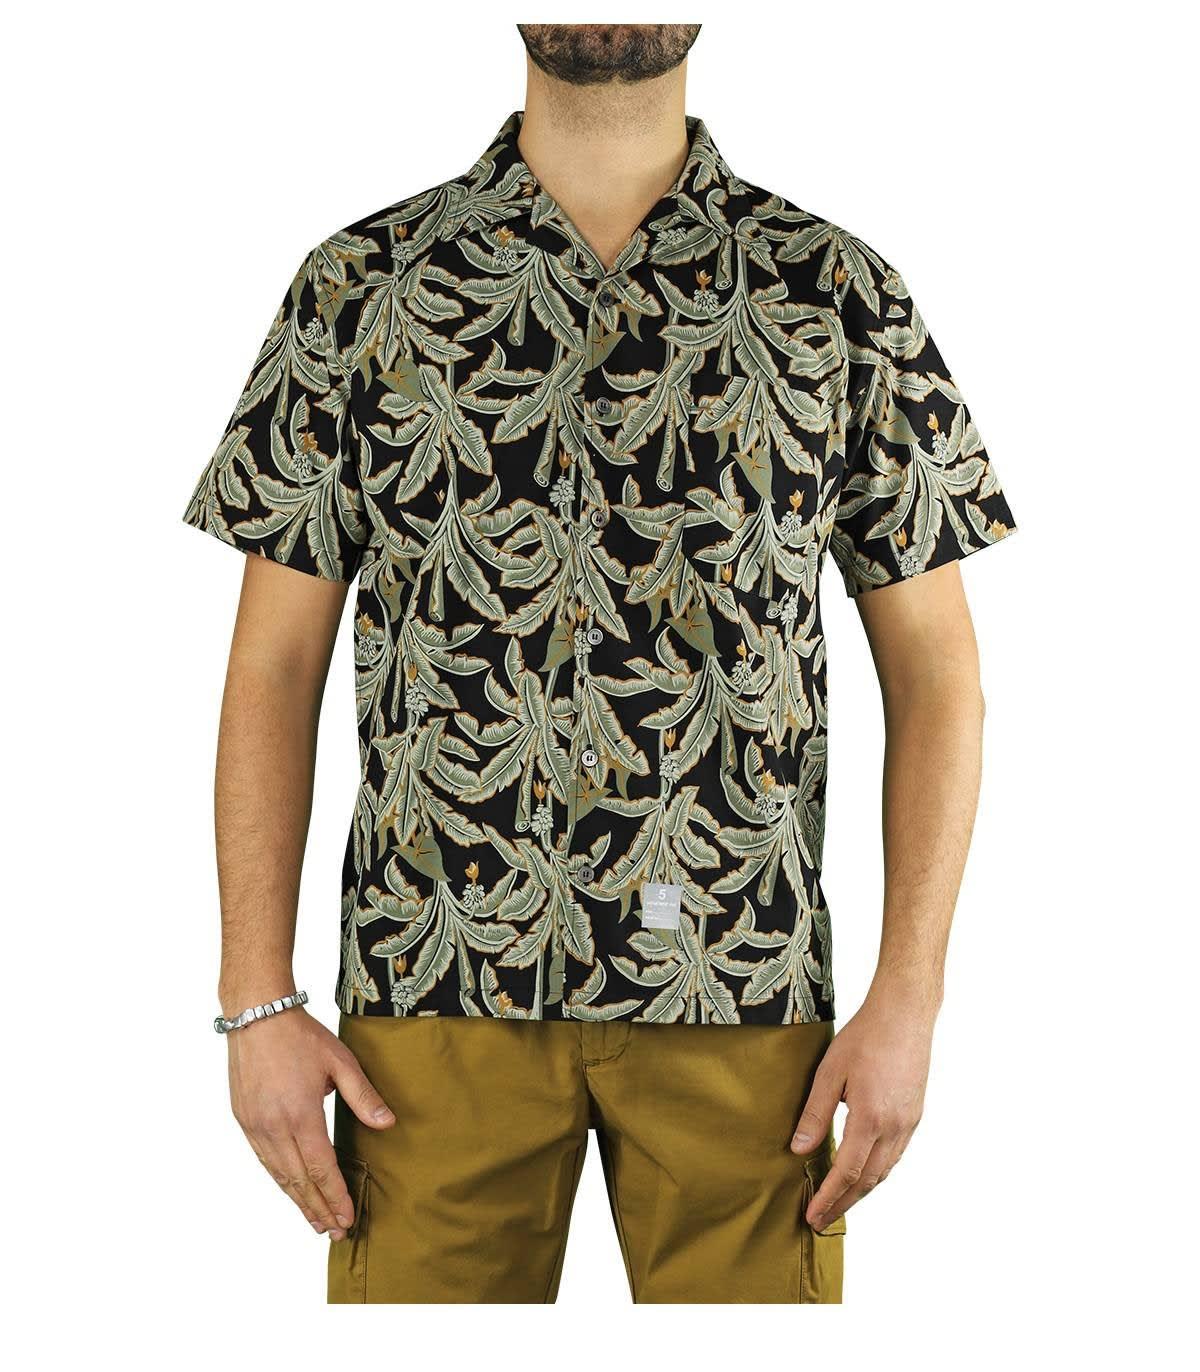 Department 5 Awa Short Sleeved Shirt